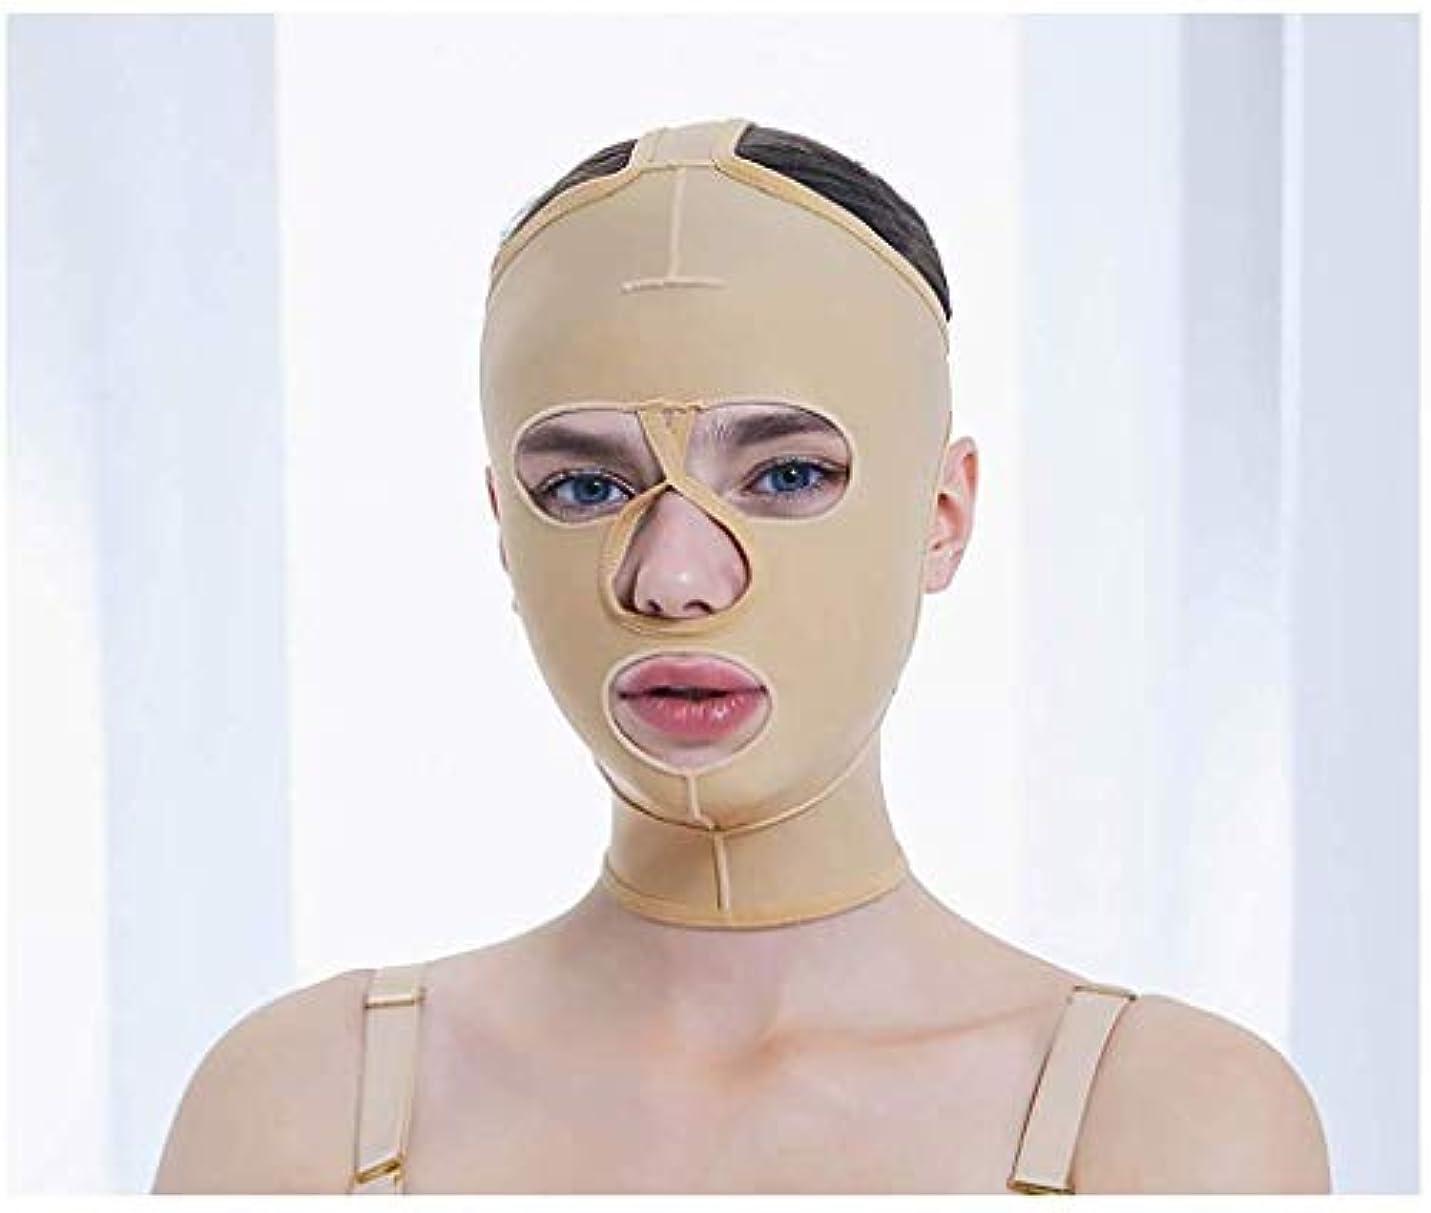 優雅隔離浸漬美容と実用的な顔と首のリフト、減量フェイスマスク脂肪吸引術脂肪吸引術シェーピングマスクフードフェイスリフティングアーティファクトVフェイスビームフェイス弾性スリーブ(サイズ:XXL)